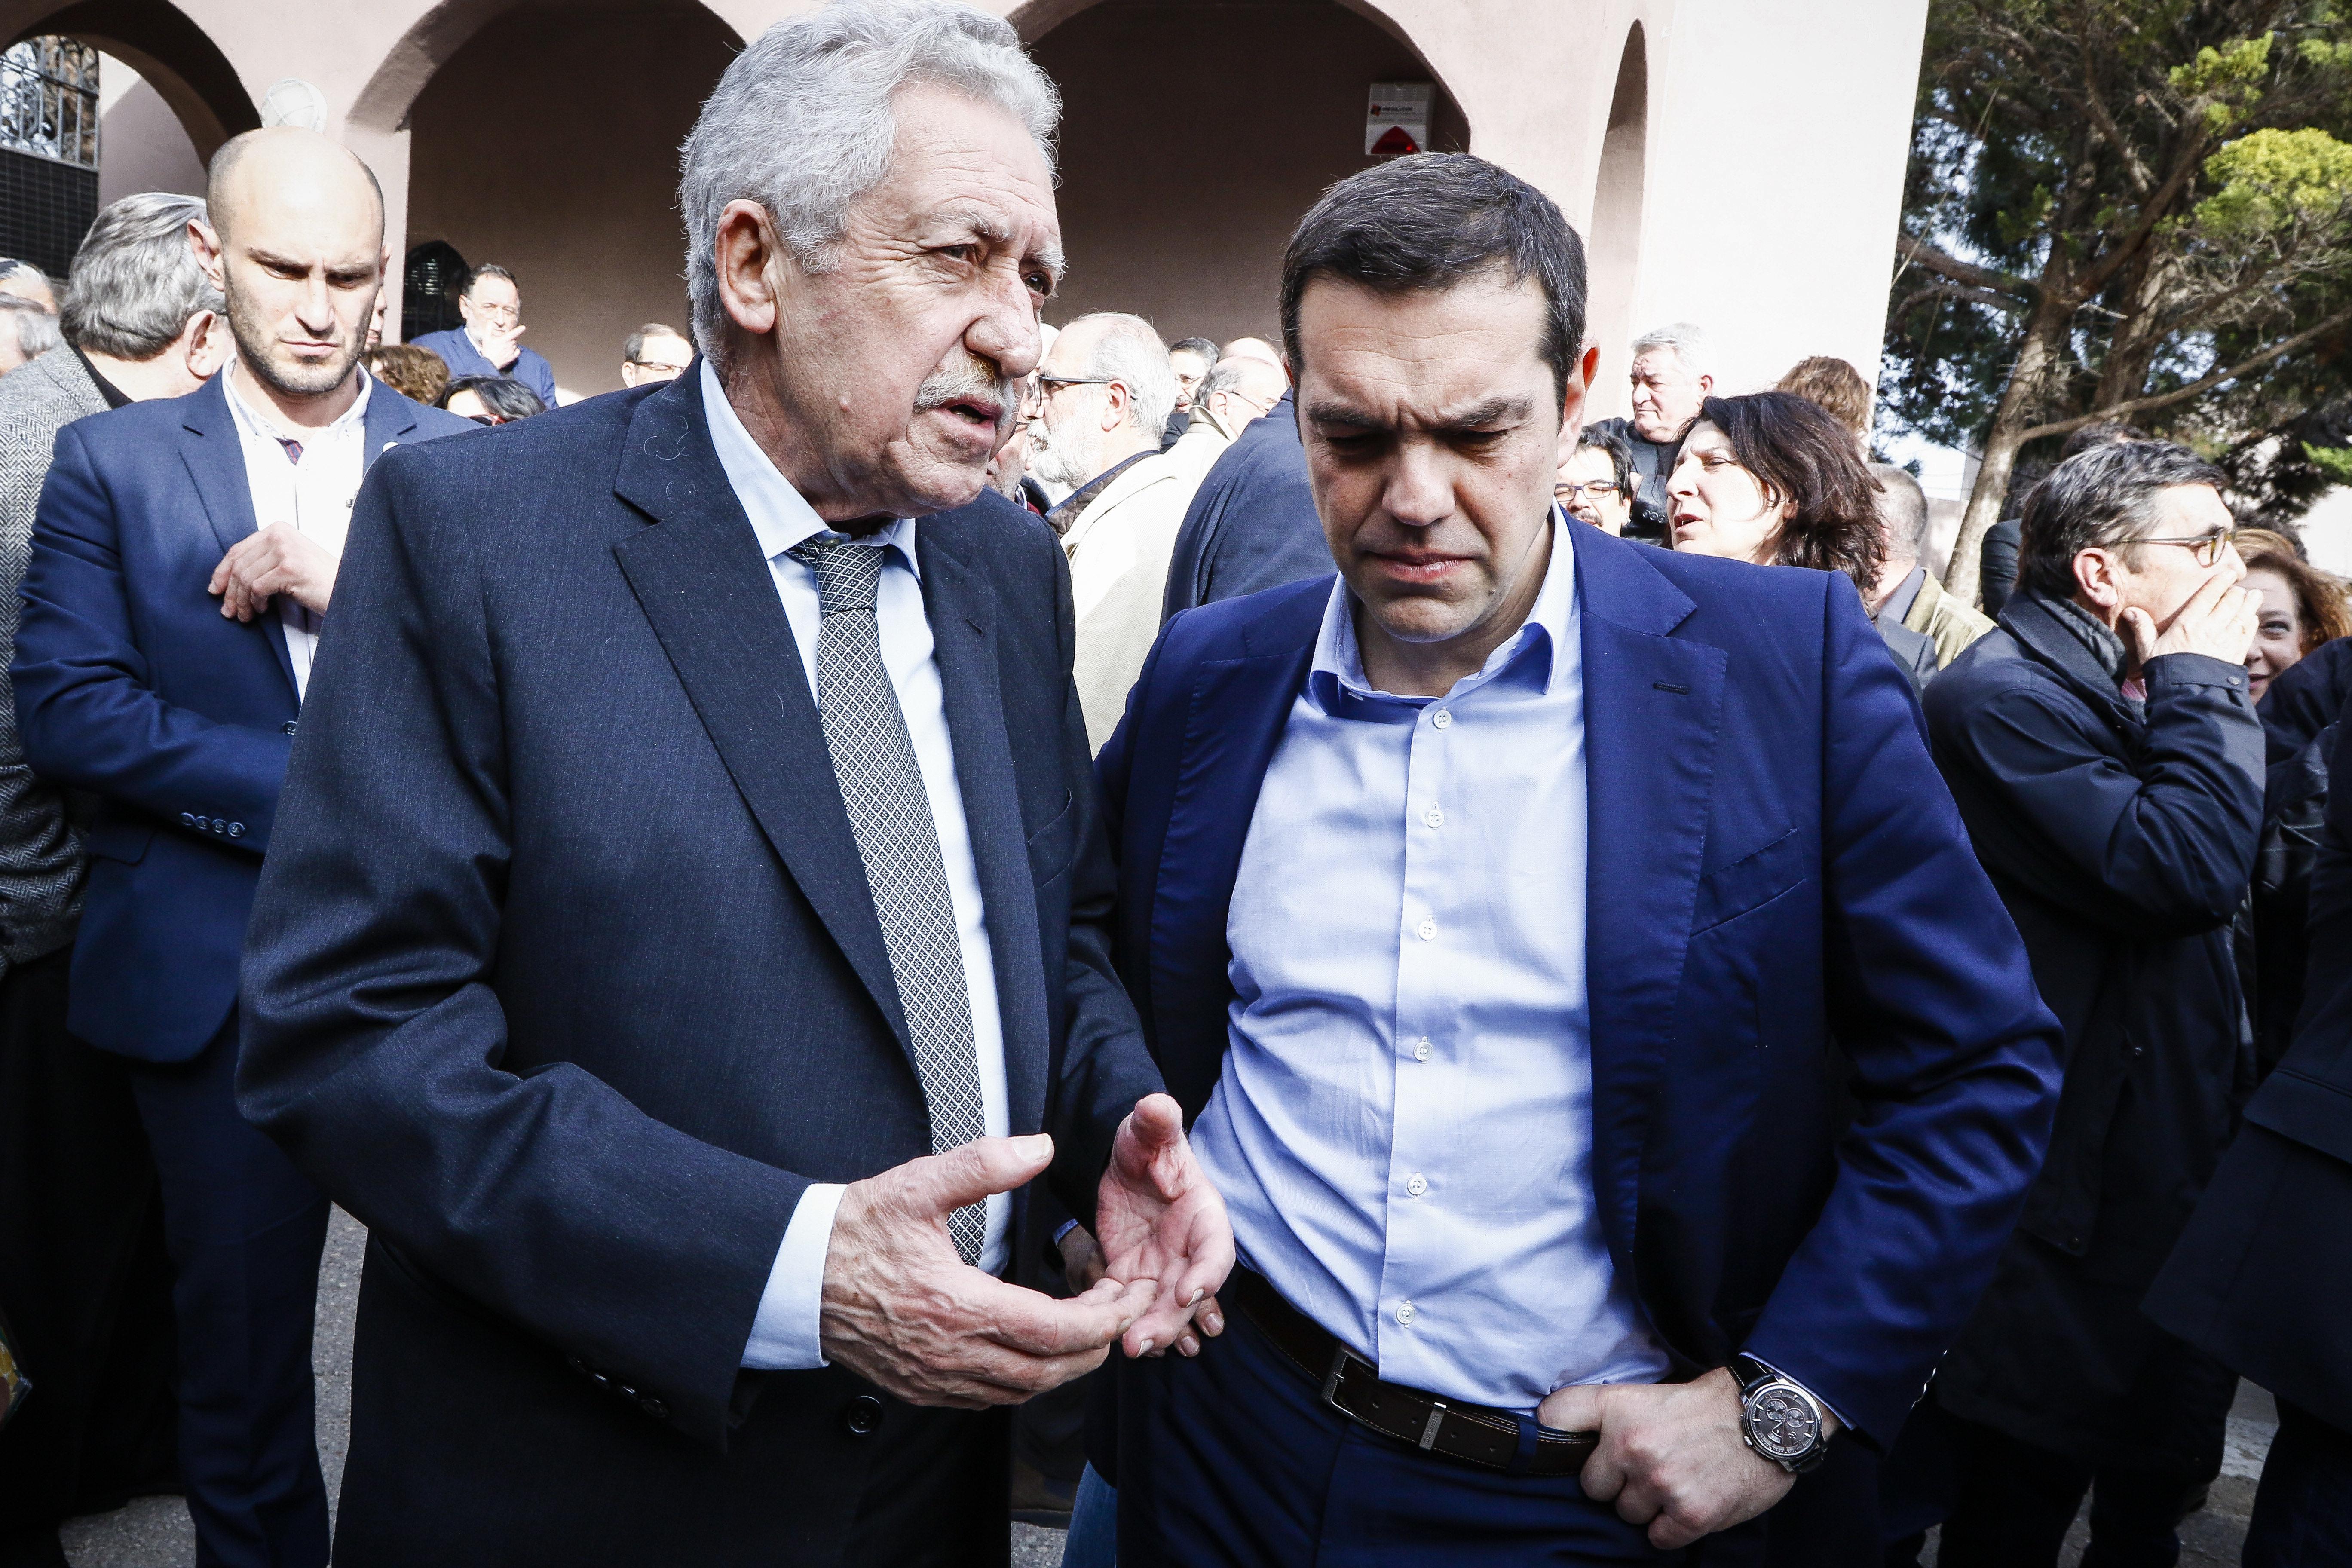 Φ. Κουβέλης: Αναμενόμενη η απελευθέρωση των δύο Ελλήνων